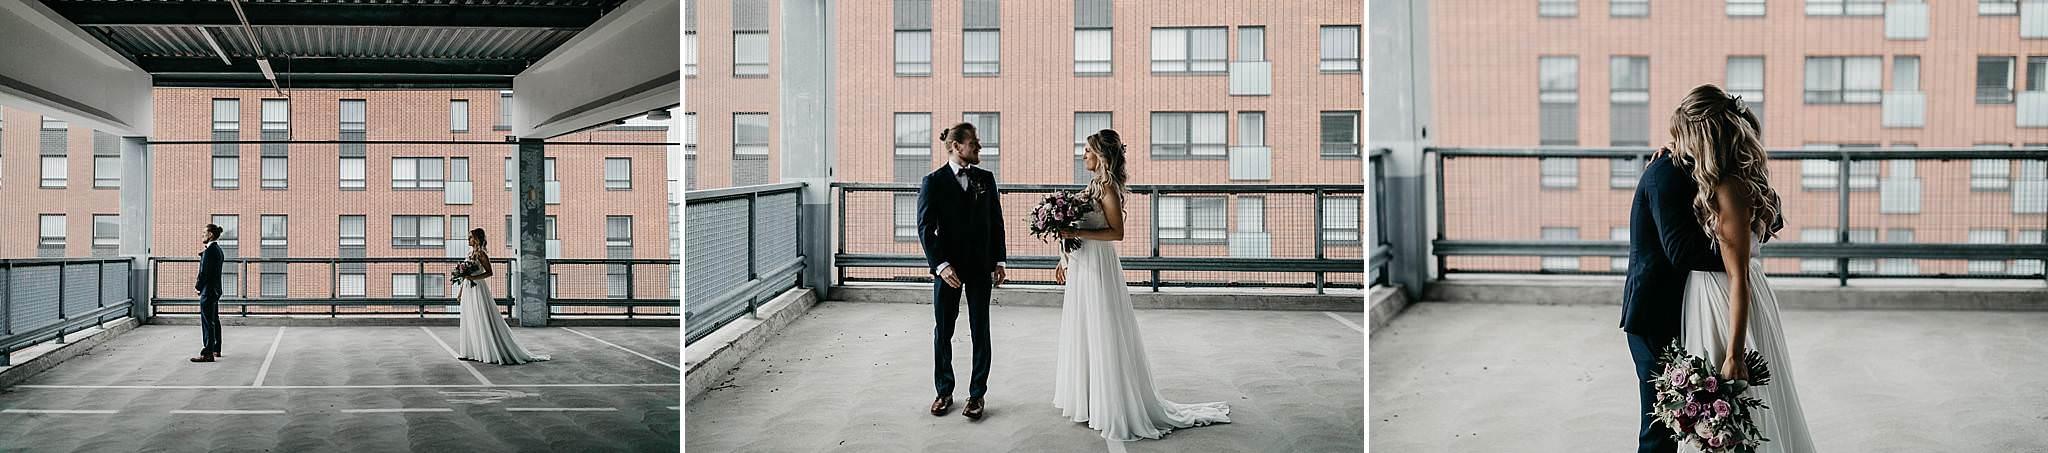 Haakuvaus_wedding_jyvaskyla_muurame_tuomiston_tila_0147.jpg